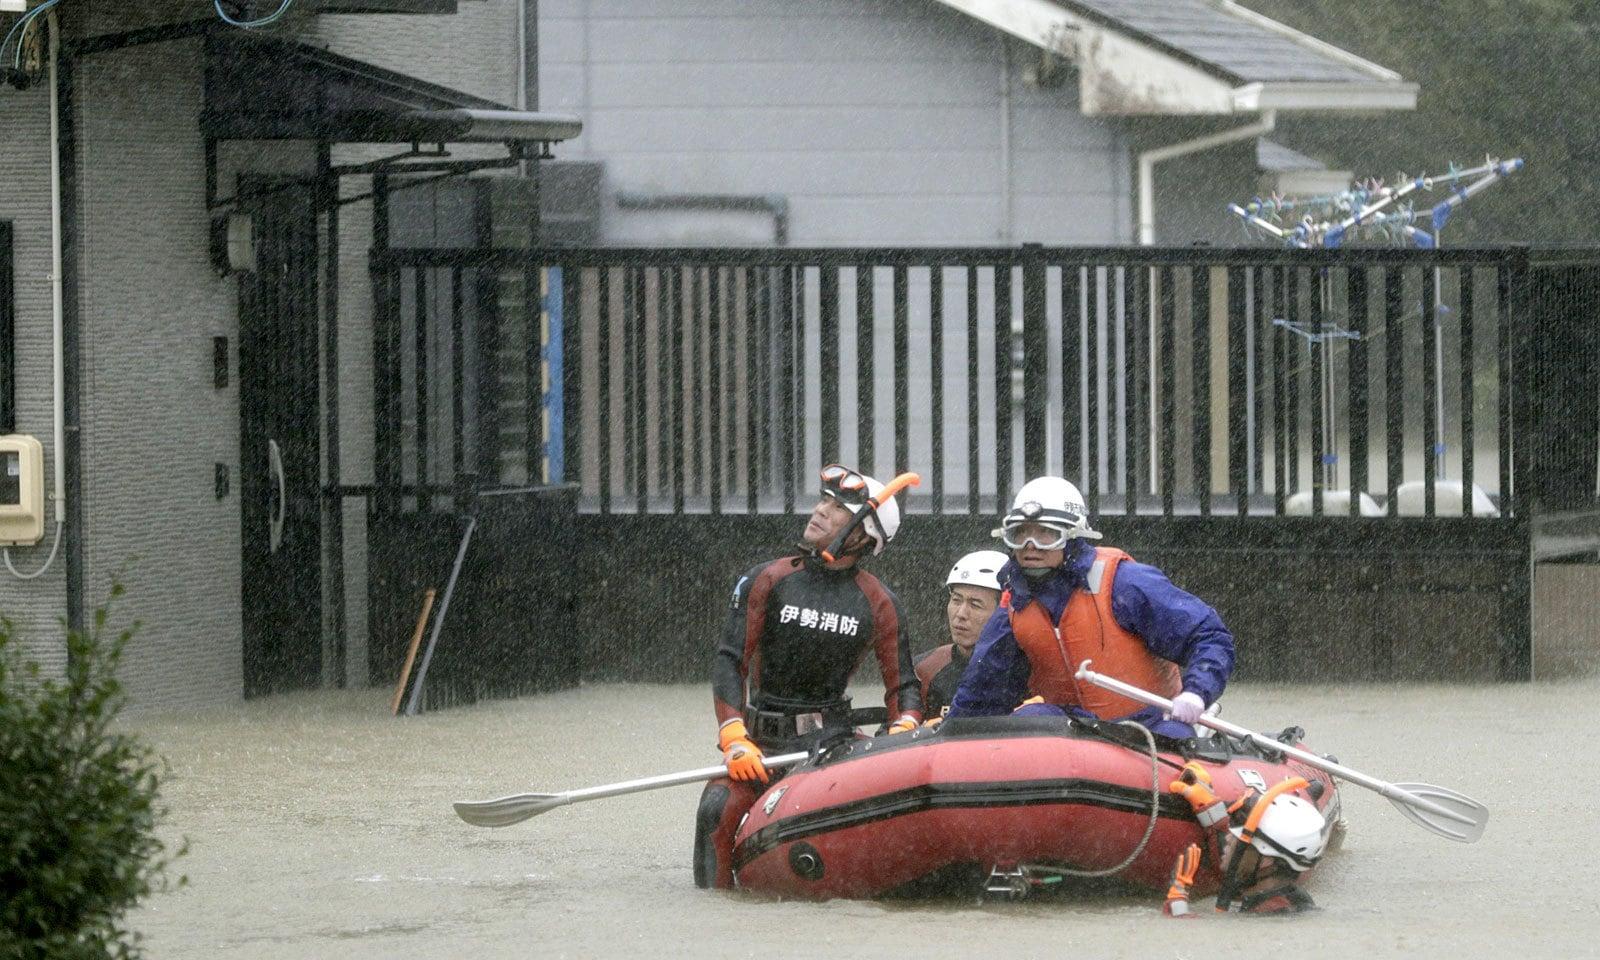 ساحلی علاقوں سے 8 لاکھ افراد کو نقل مکانی کی ہدایت کی گئی ہے — فوٹو: رائٹرز